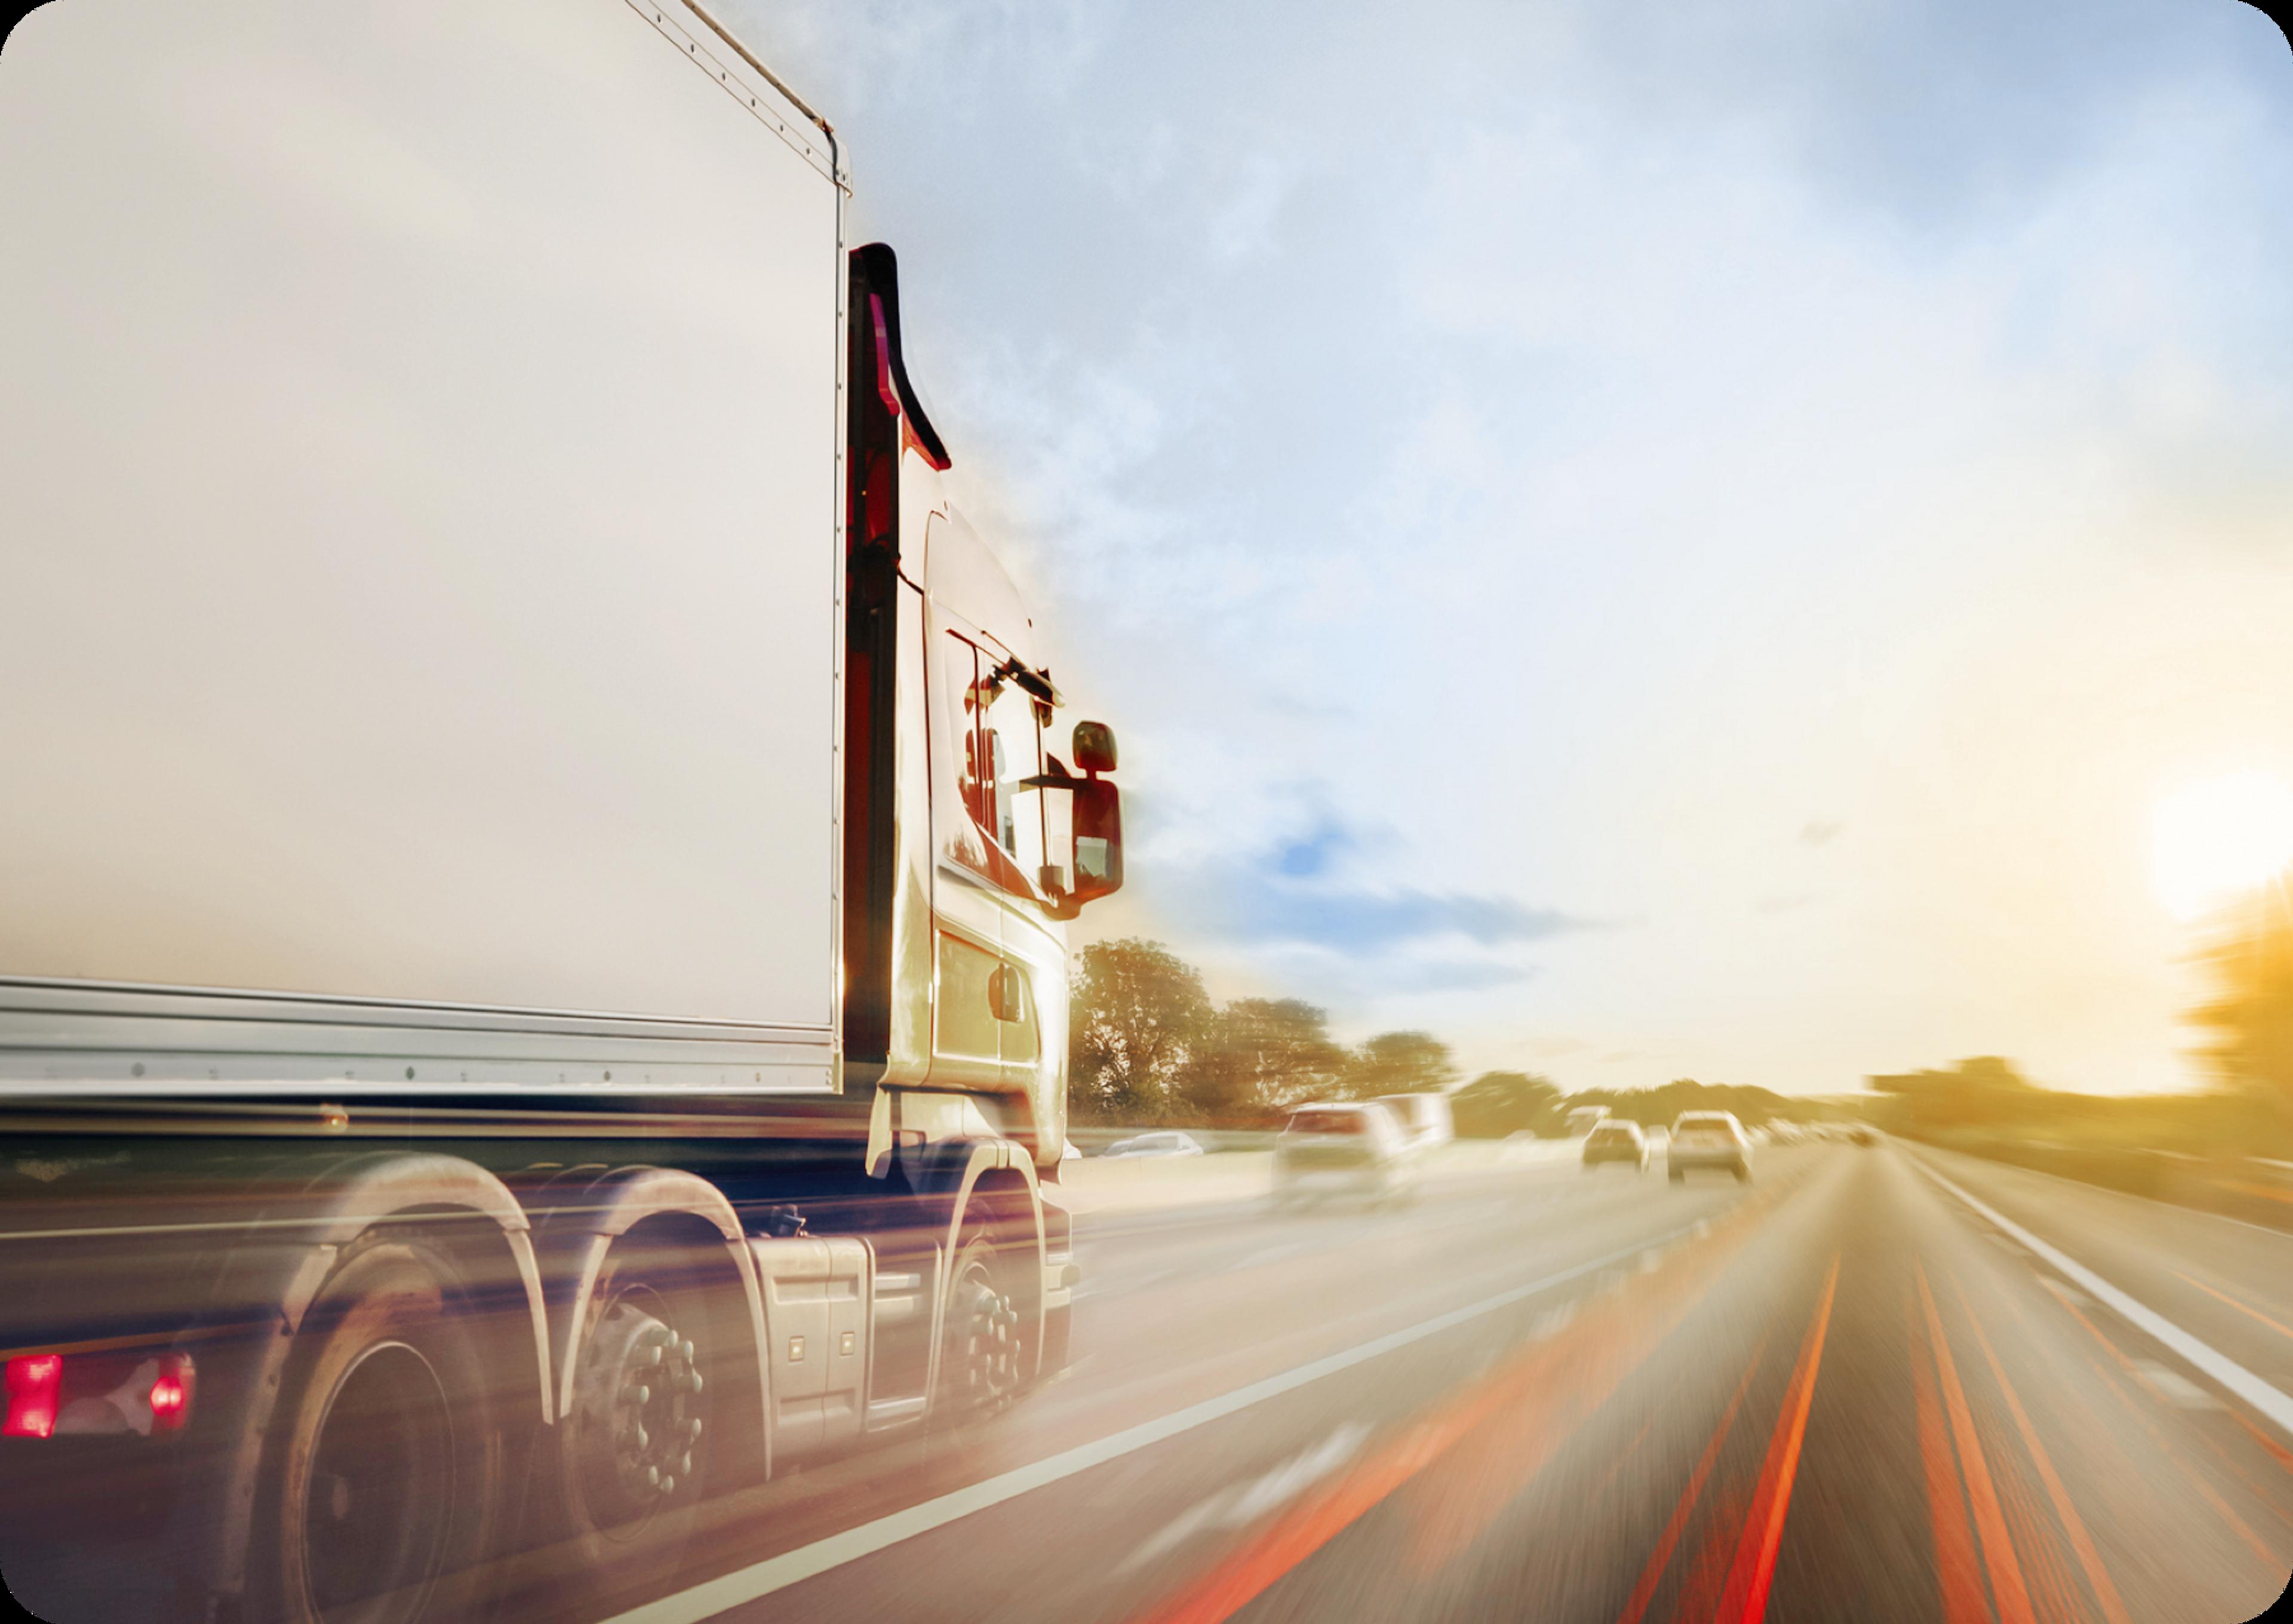 Photo d'un camion-remorque sur autoroute